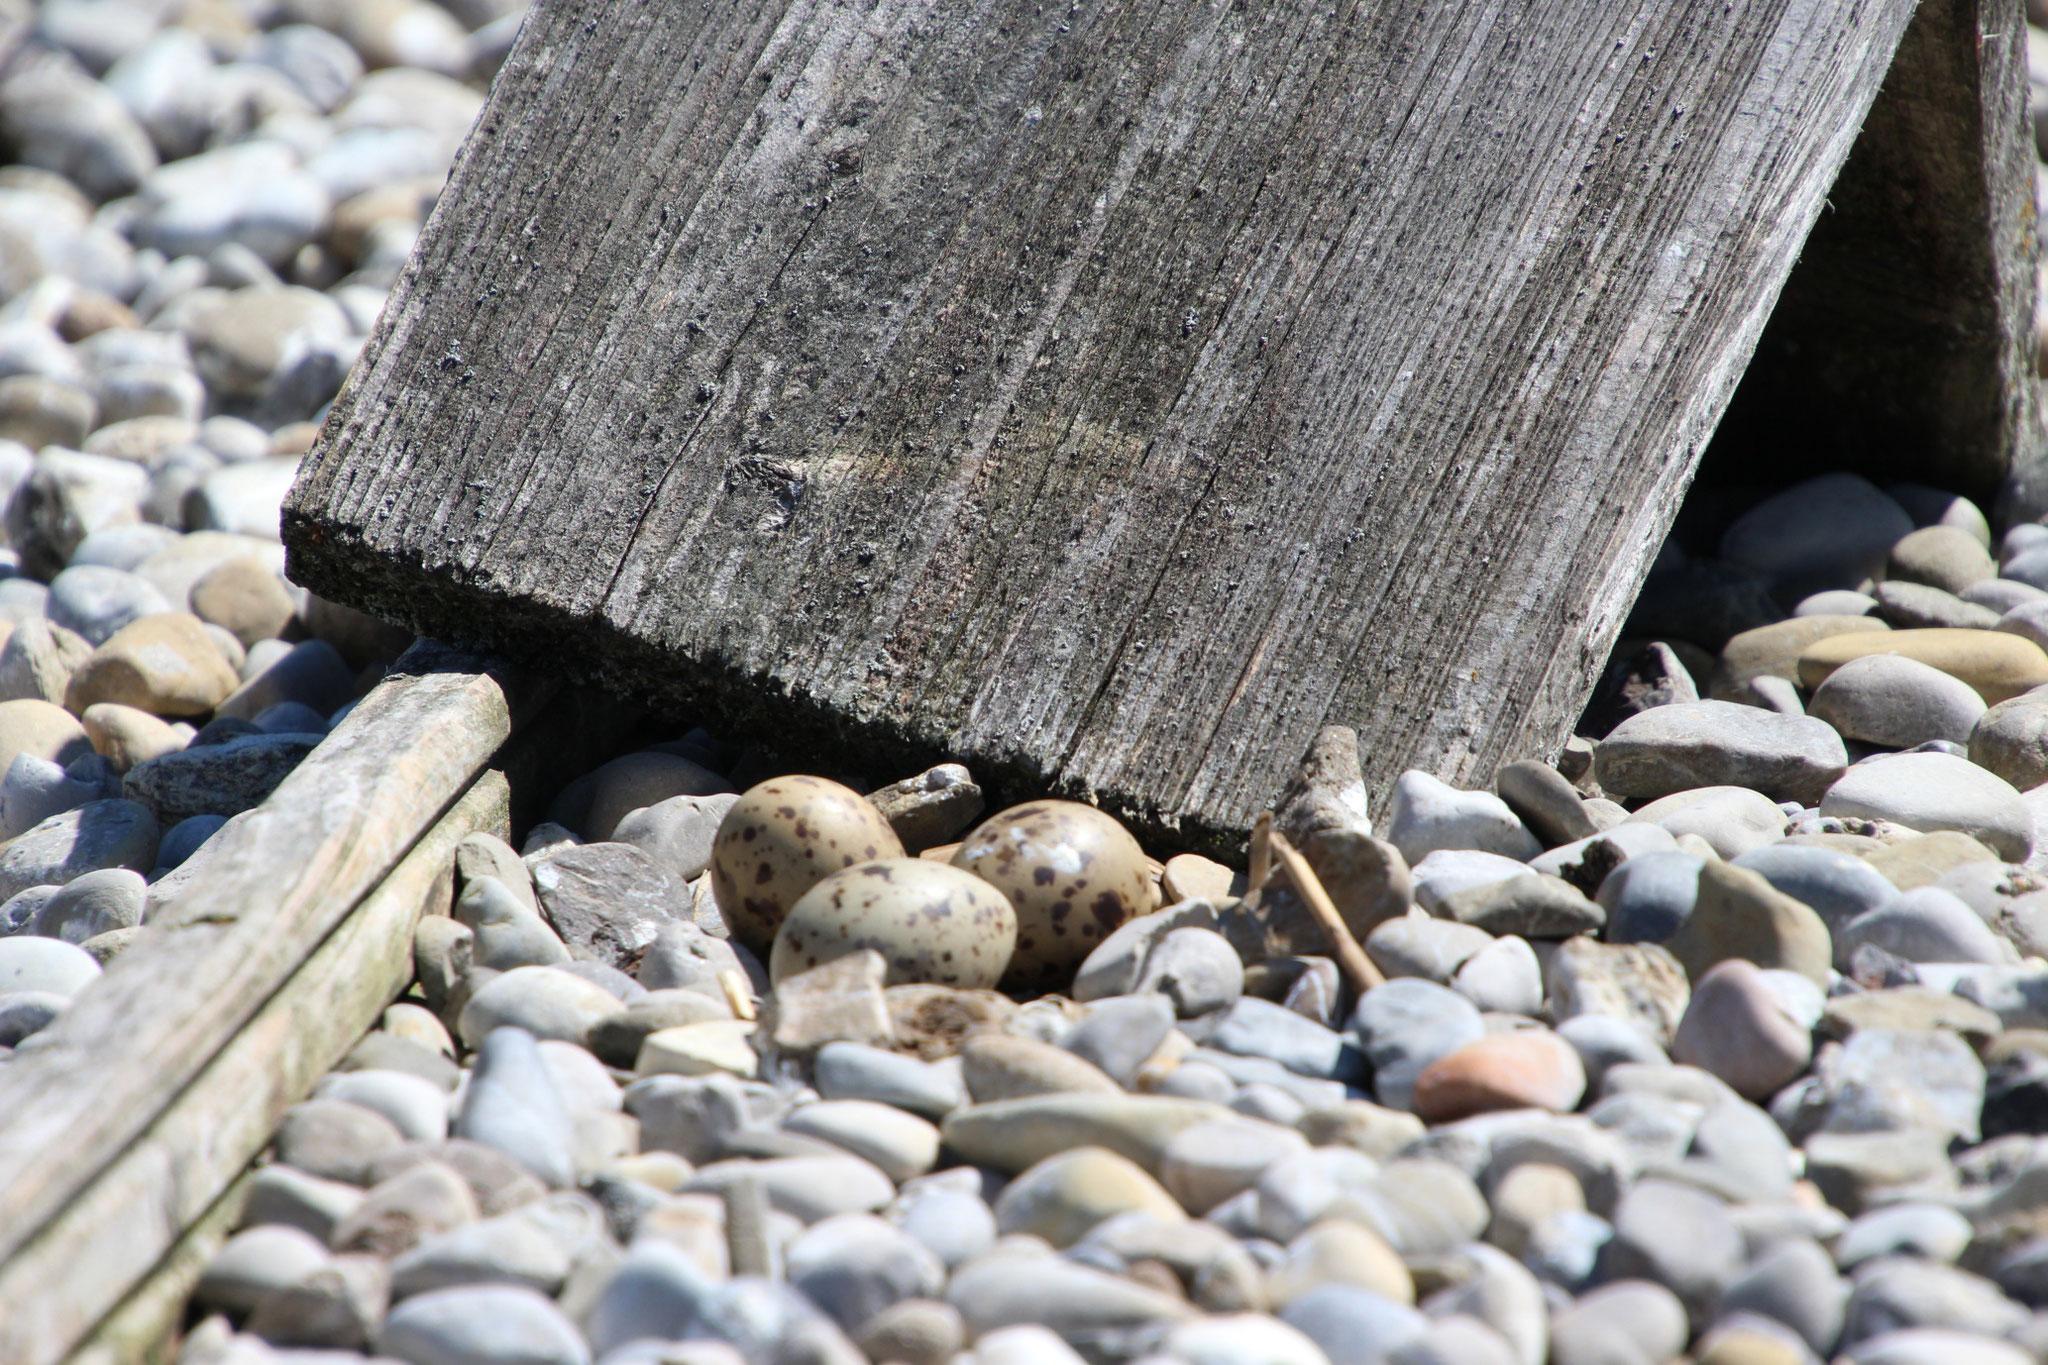 ... die gut getarnten Gelege der Flussseeschwalben auf dem Kies zu finden. (© B. Mayer)